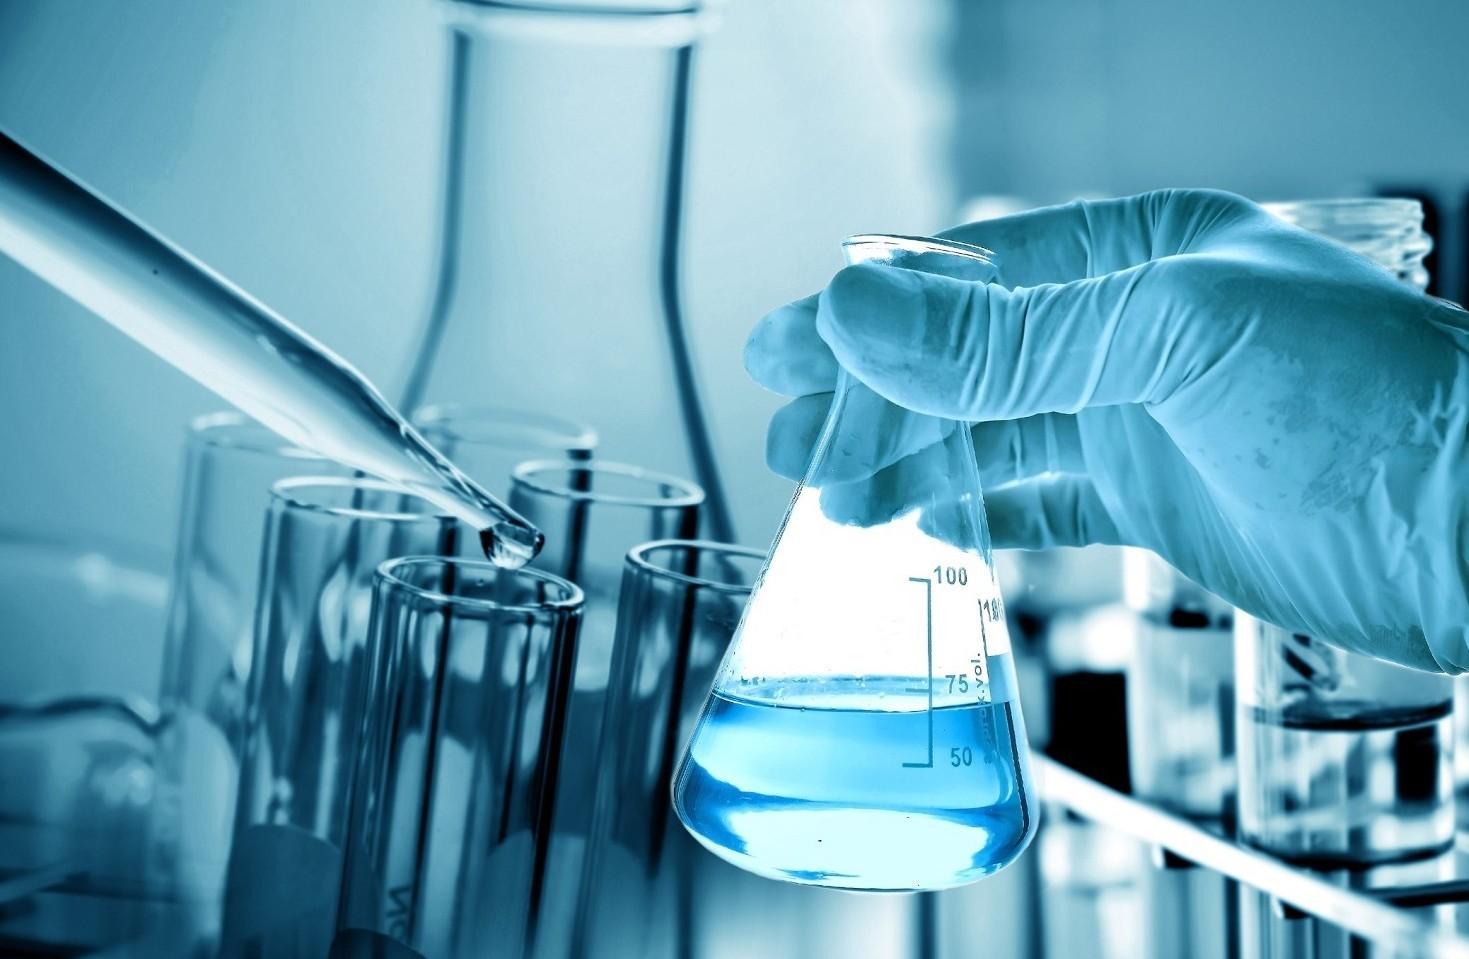 Permessi contratto chimico 2019-2020, tutti quelli previsti attualmente